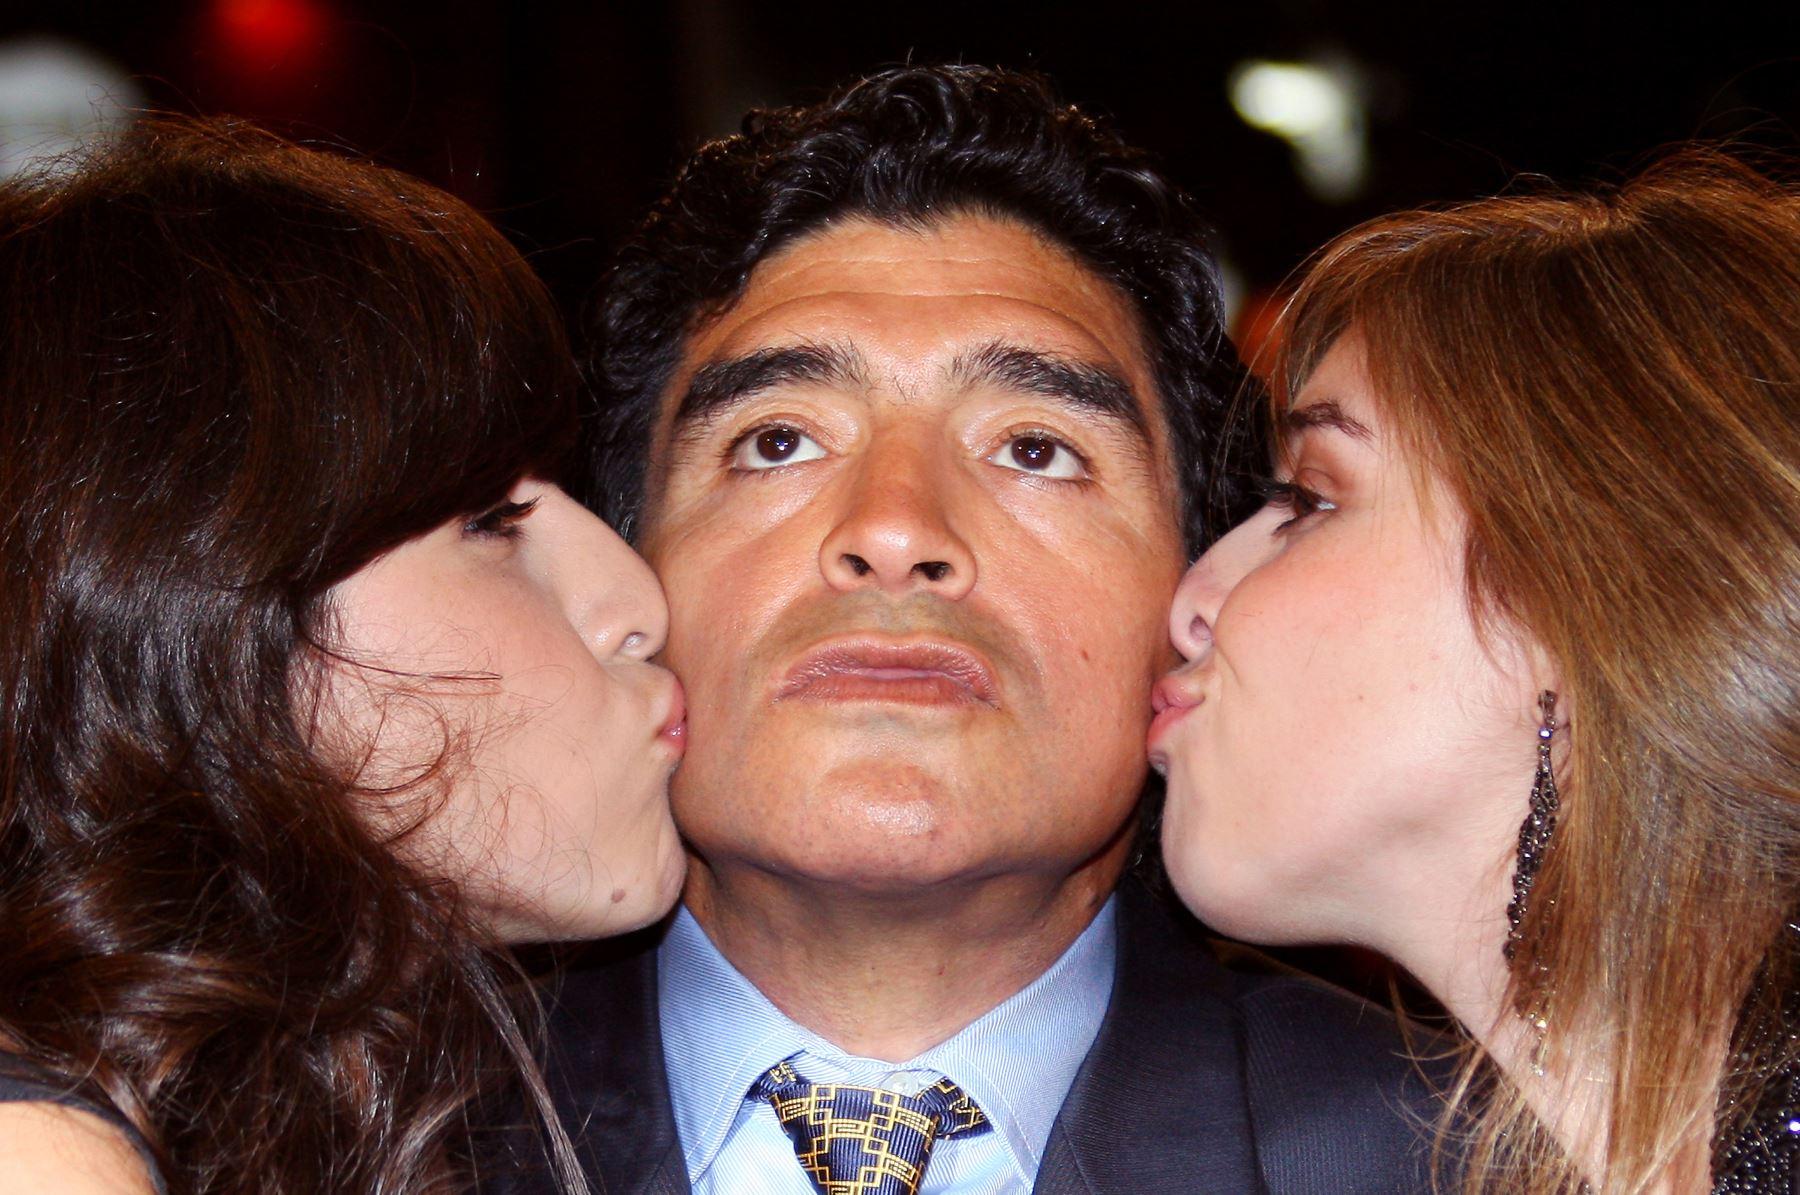 En esta foto de archivo tomada el 20 de mayo de 2008, el ex jugador de fútbol argentino Diego Maradona es es besado por sus hijas Giannina y Dalma cuando llega para asistir a la proyección del documental del director serbio Emir Kusturica